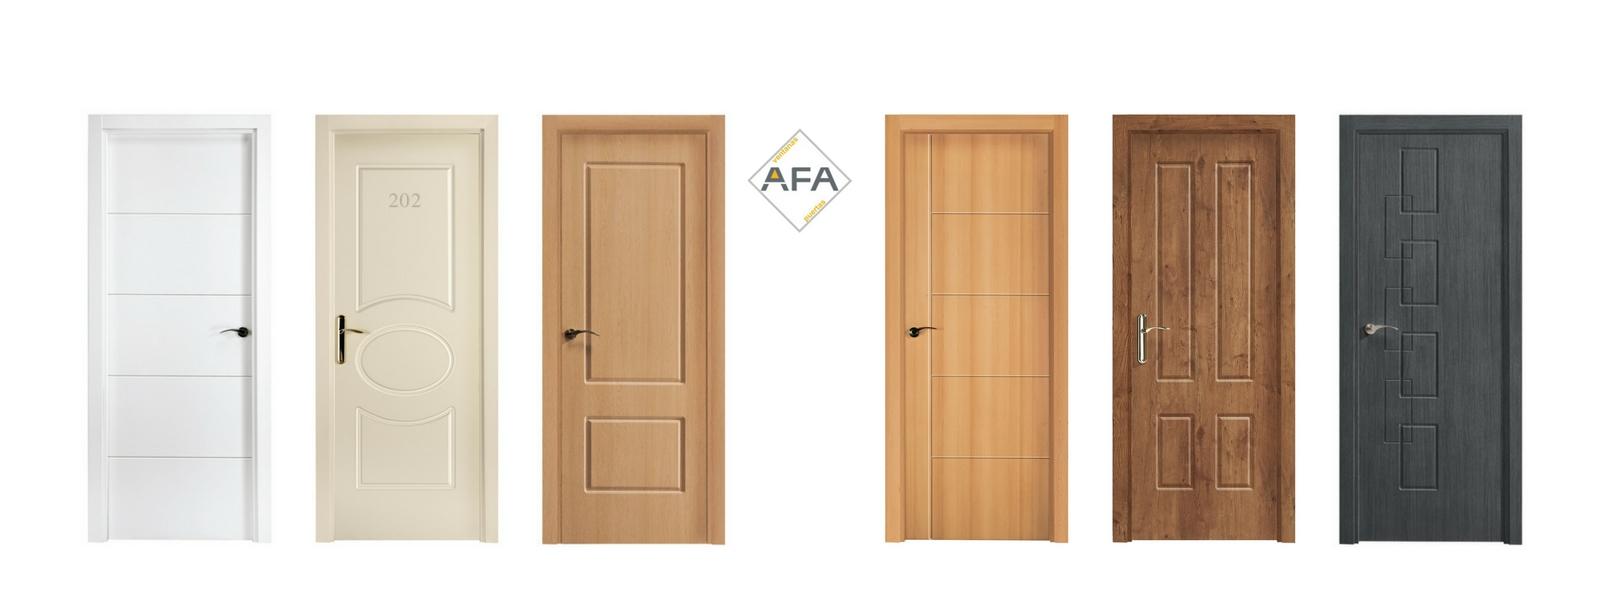 puertas de paso pvc afapvc